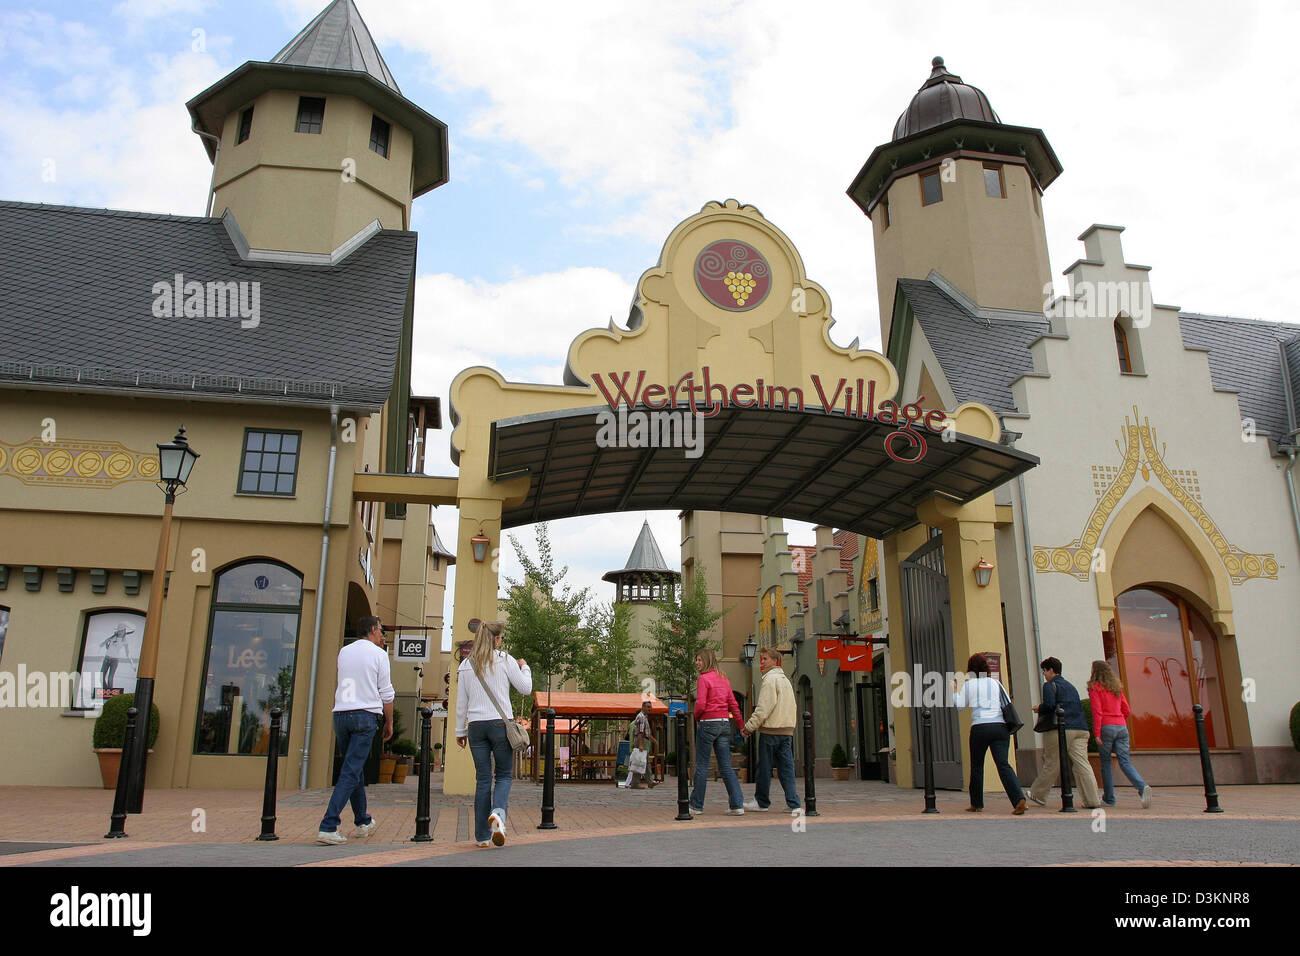 Wertheim Village Lohnt sich der Besuch in der Outlet City?